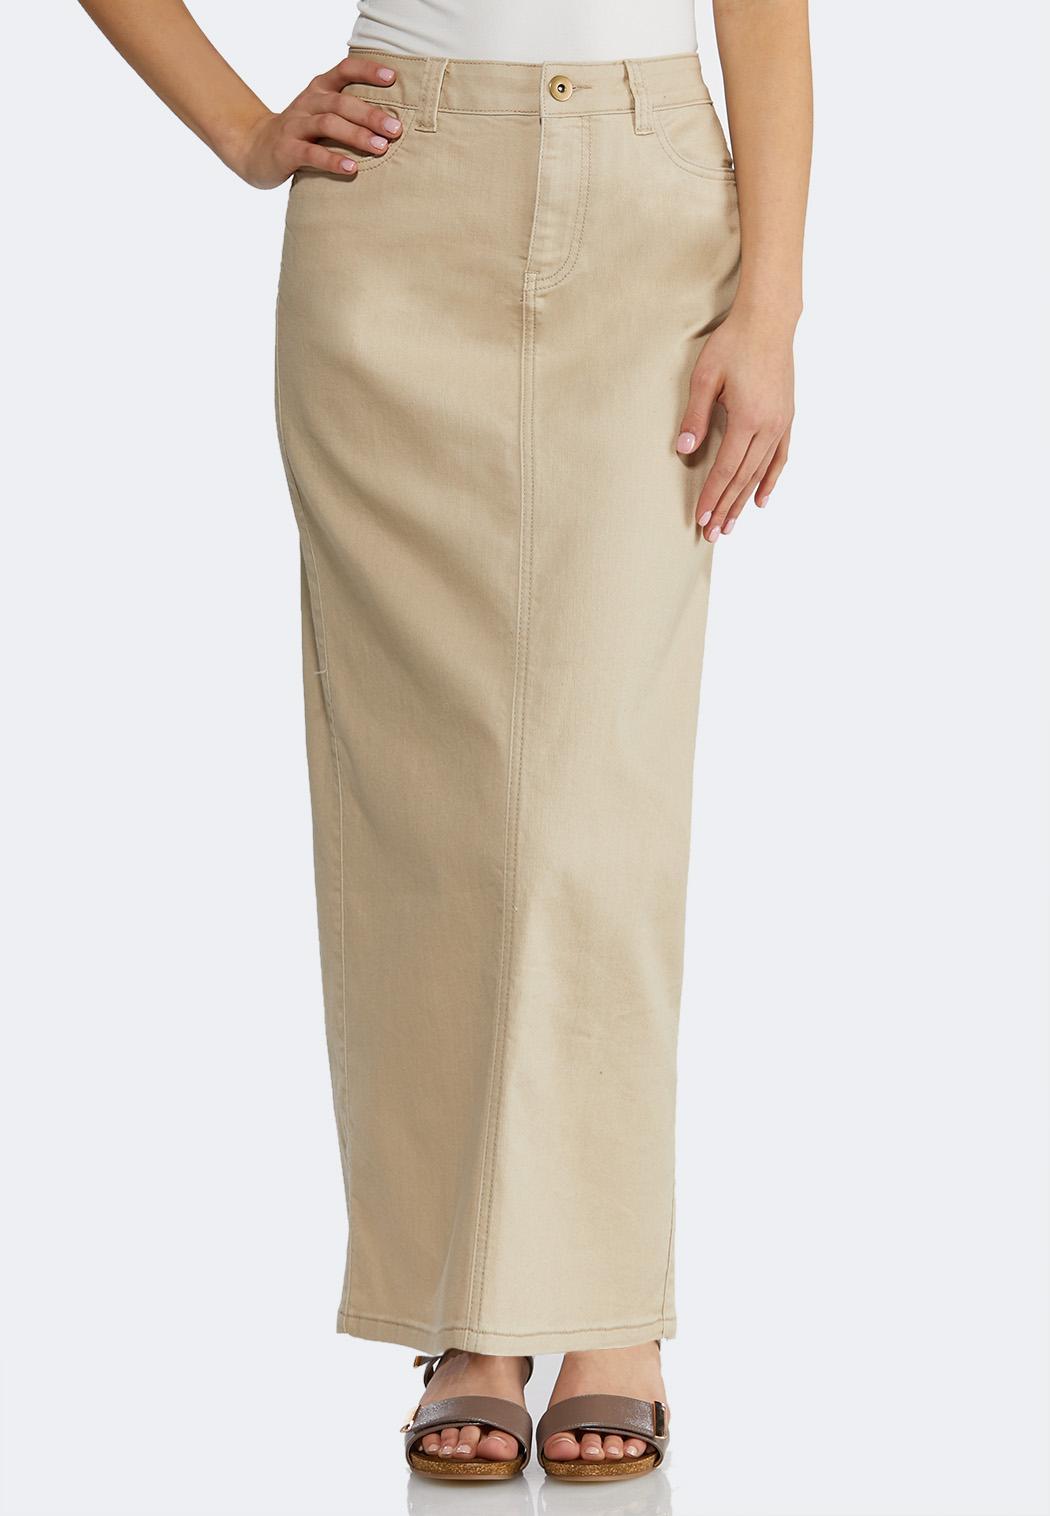 be7366d7f57c4 Plus Size Khaki Denim Maxi Skirt Skirts Cato Fashions